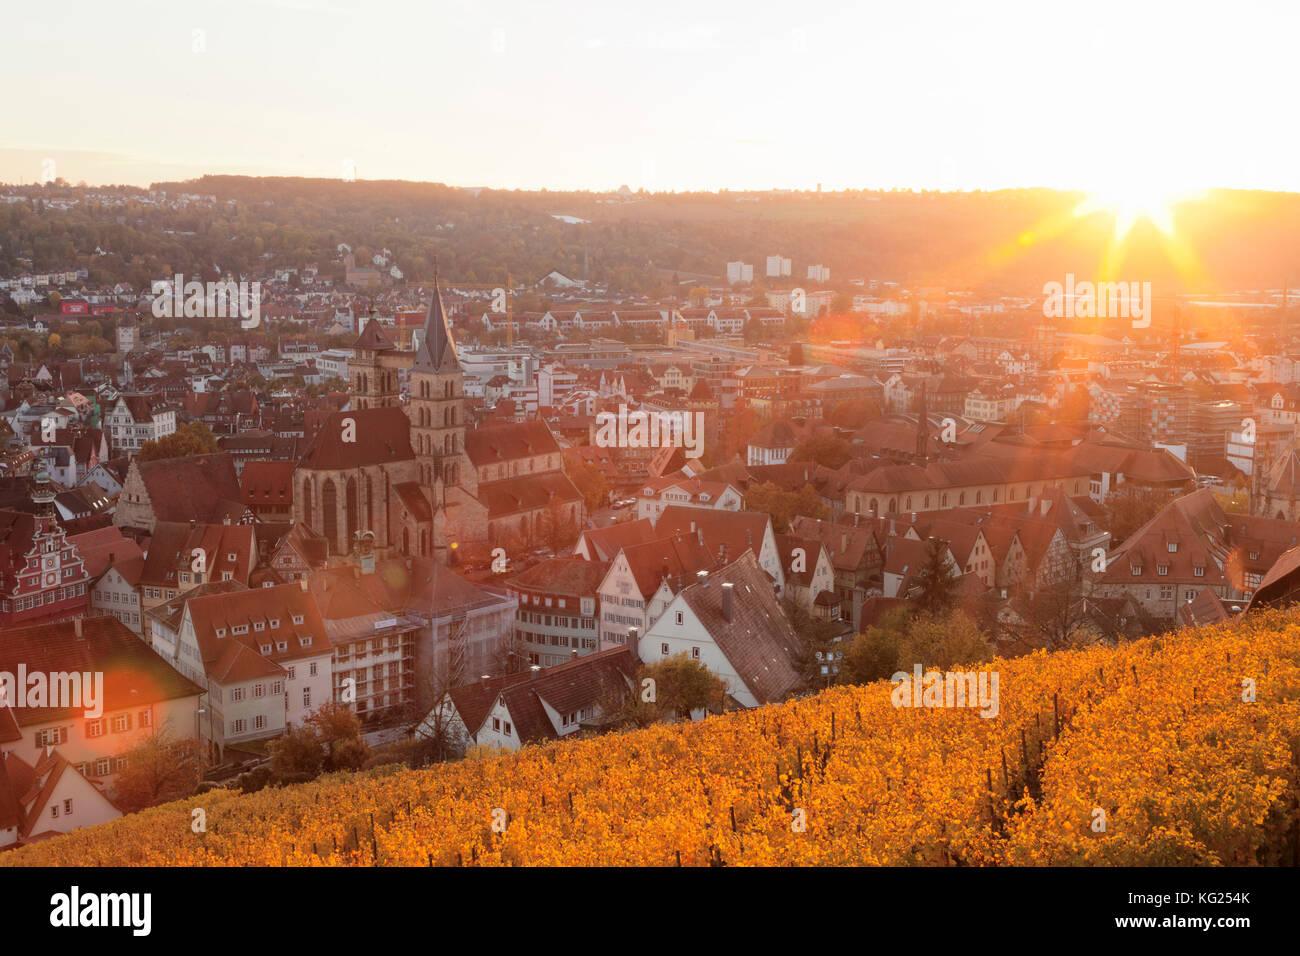 Blick von der Burg in Esslingen bei Sonnenuntergang, Esslingen, Baden-Württemberg, Deutschland, Europa Stockbild